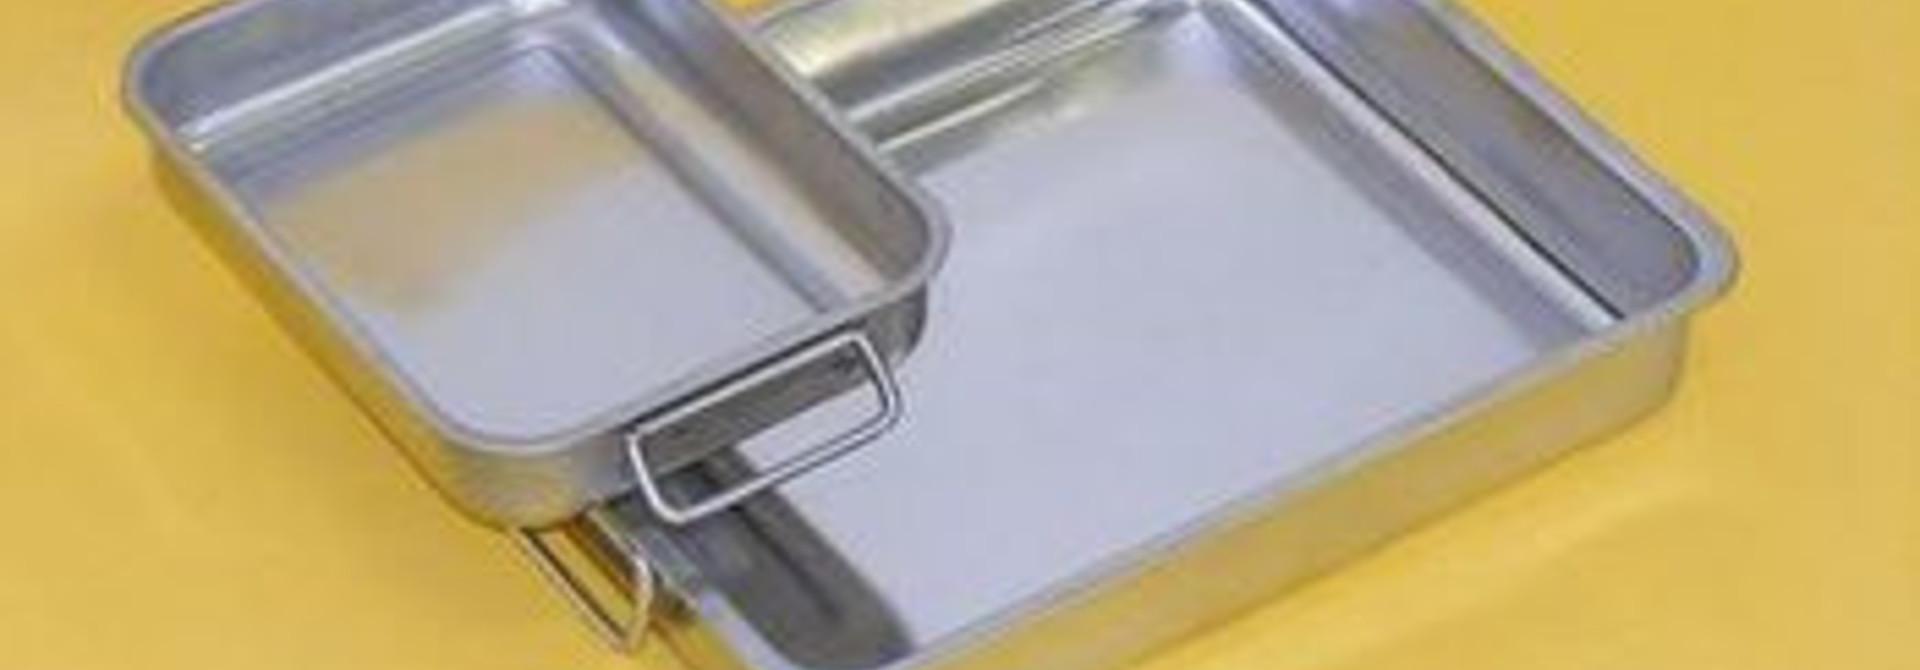 Inox bac de collecte 2